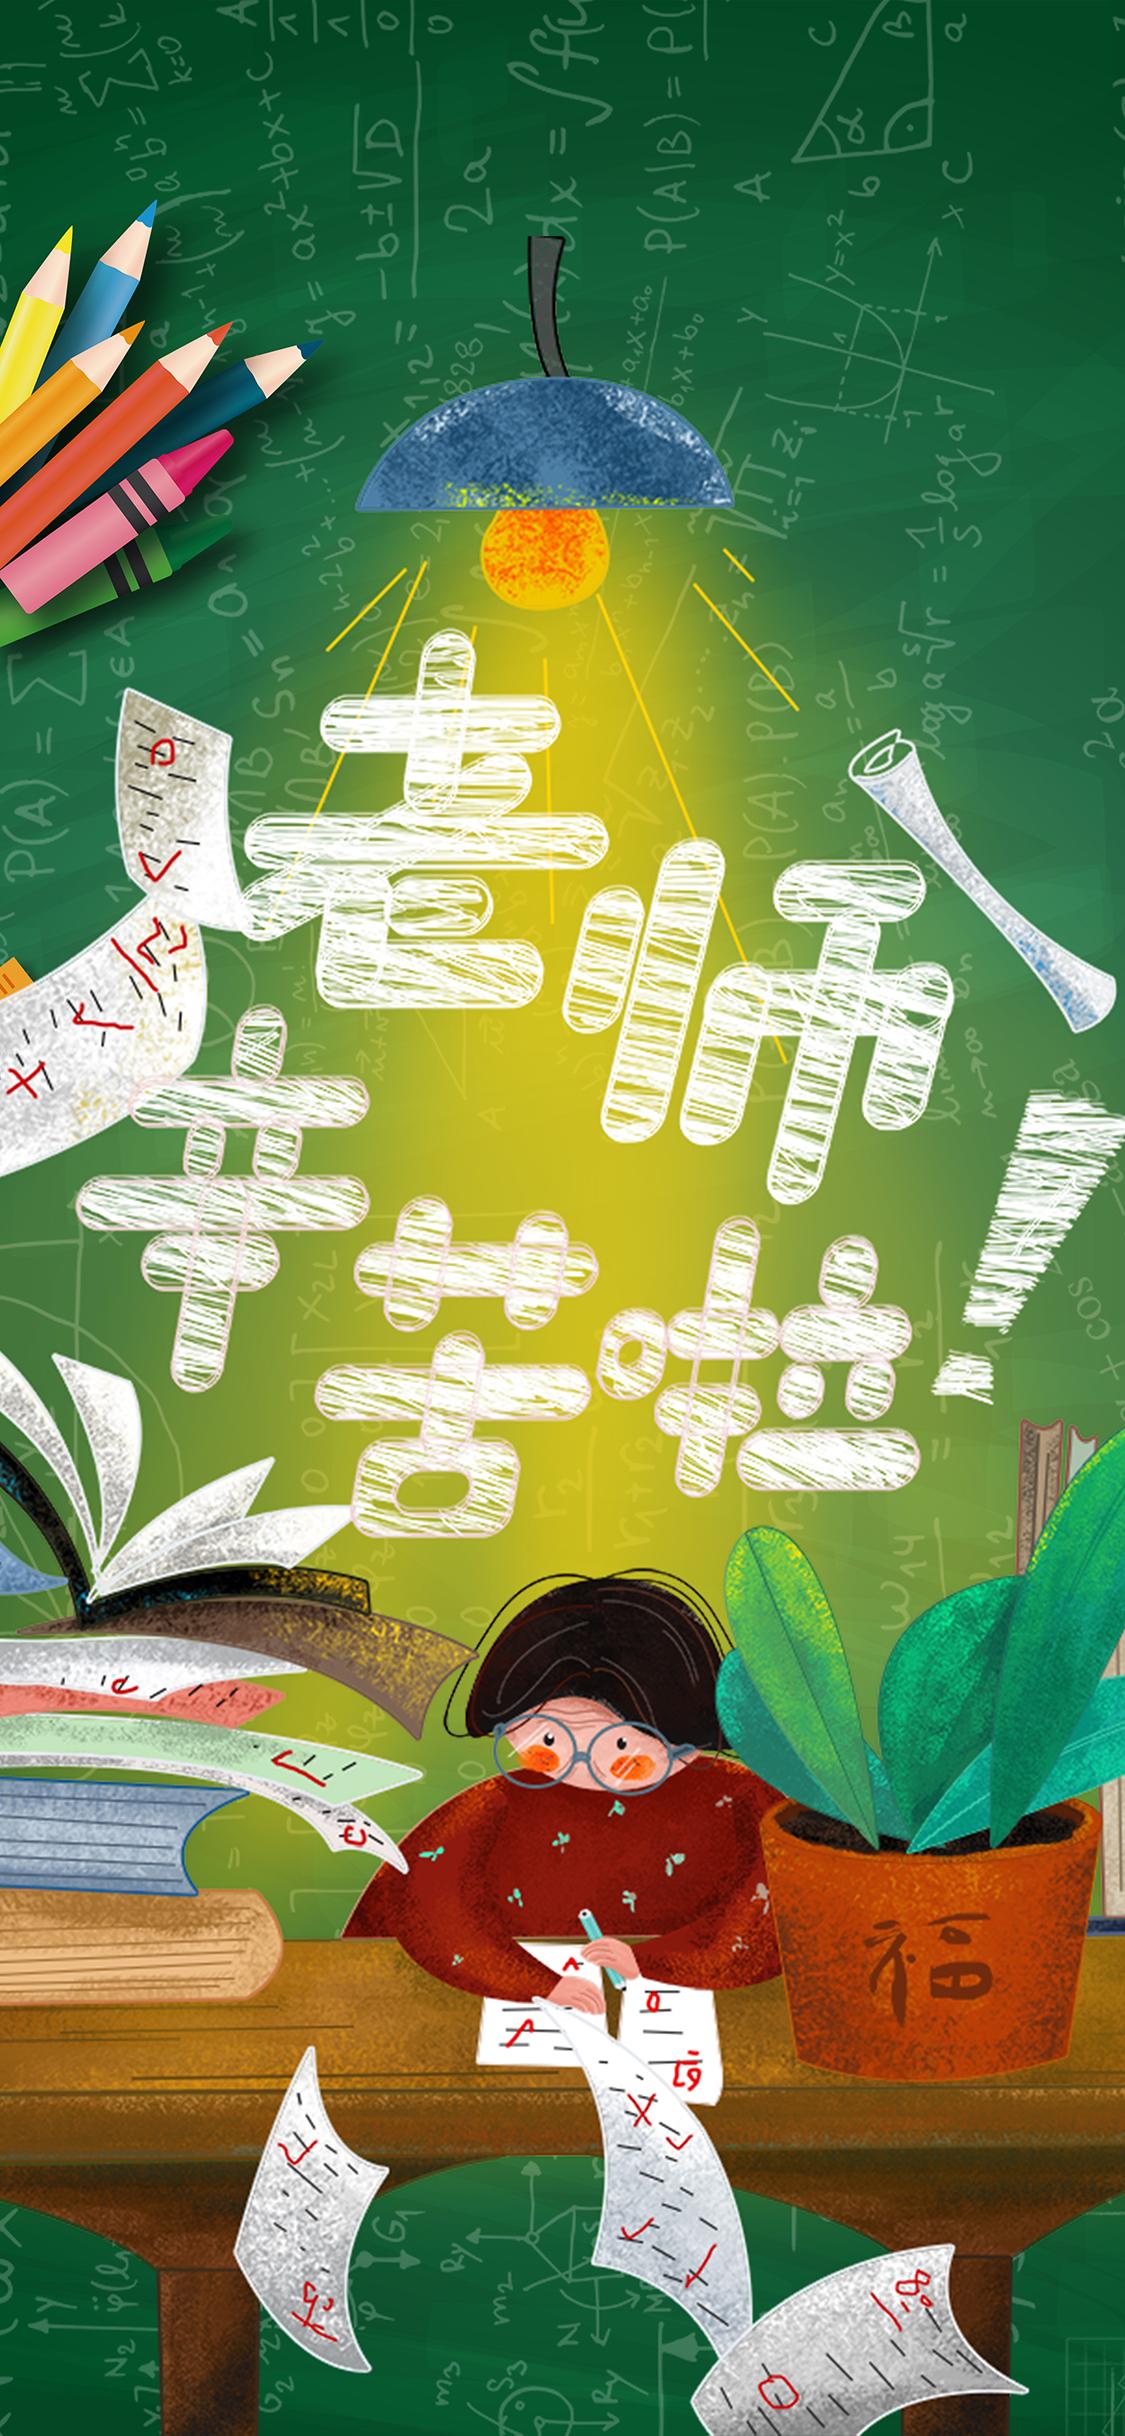 教师节 插画 手绘 老师辛苦了 苹果手机高清壁纸 1125